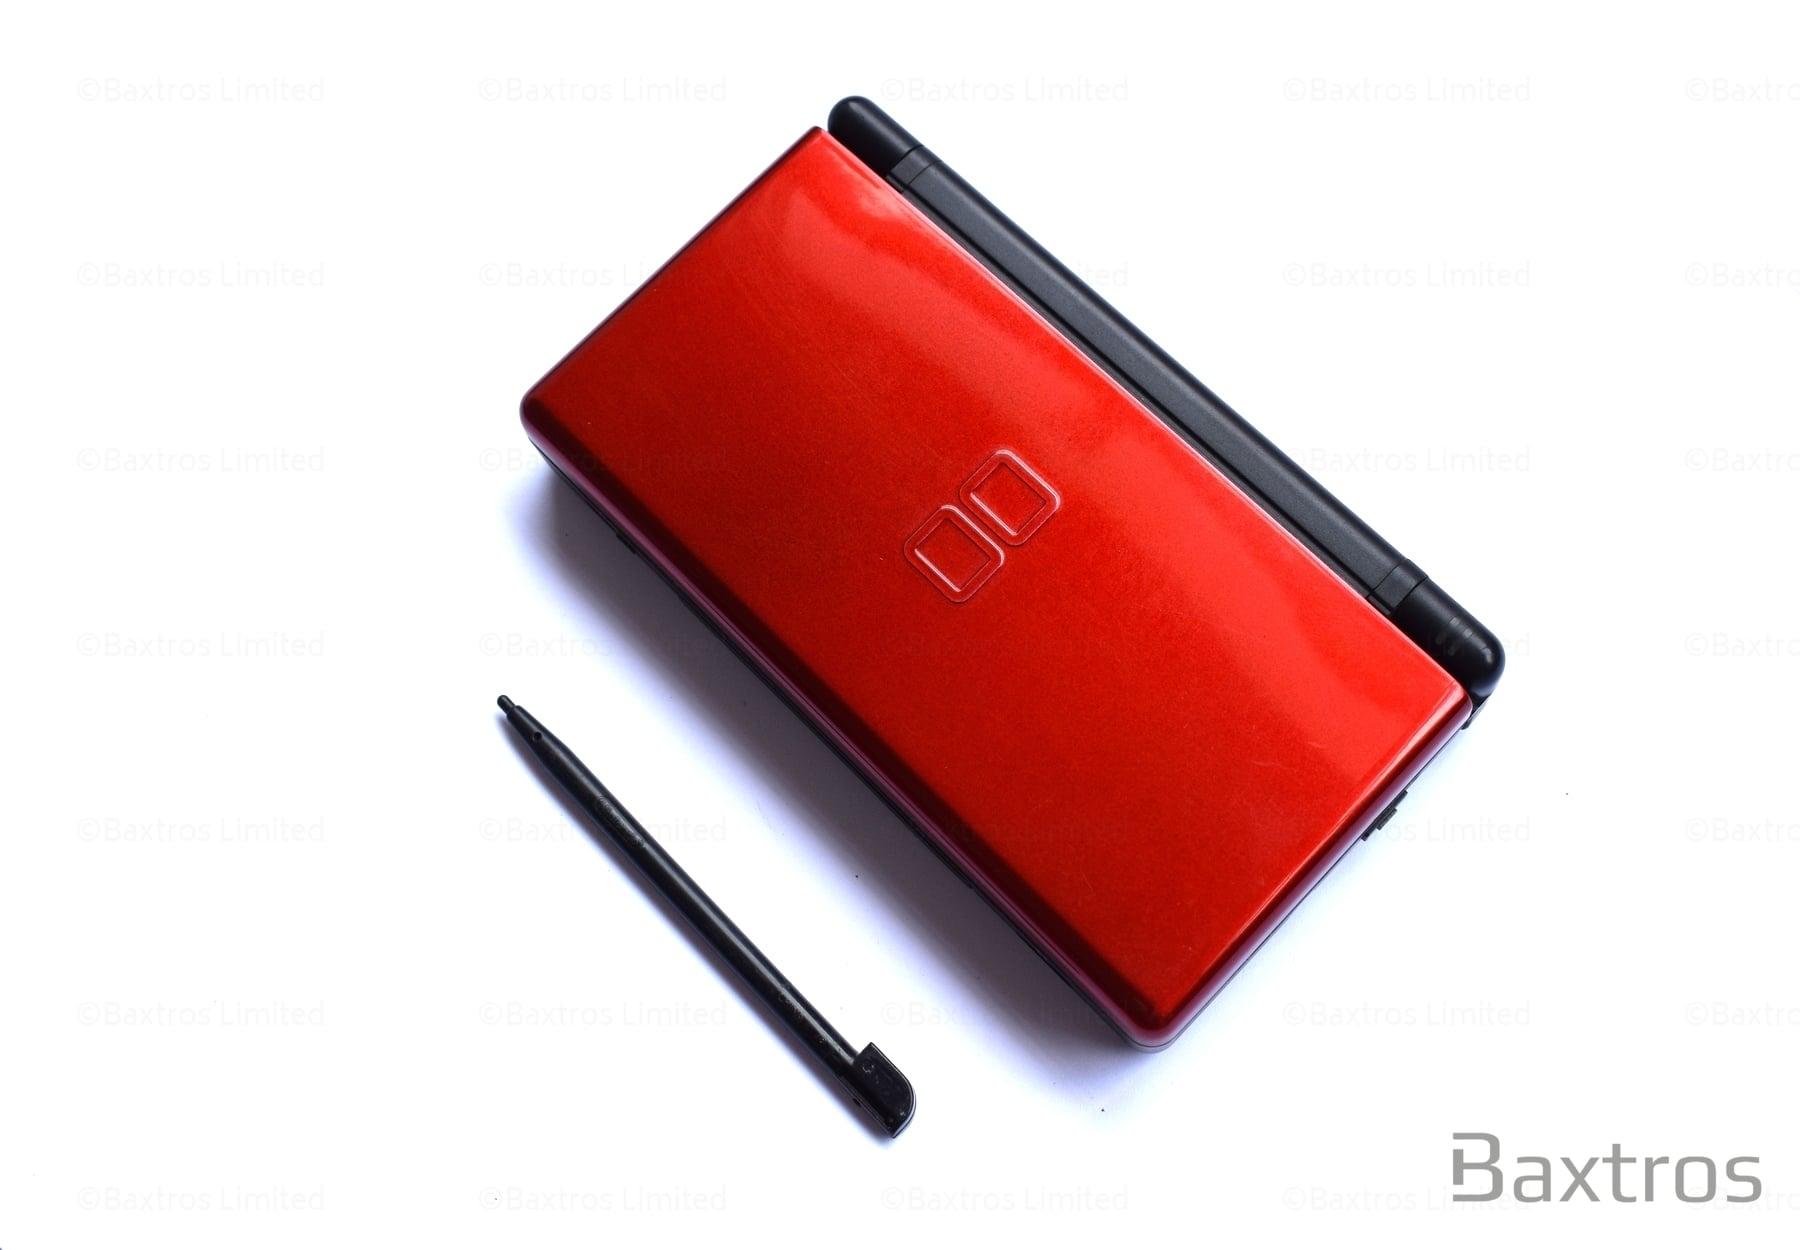 nintendo ds lite crimson red handheld console baxtros. Black Bedroom Furniture Sets. Home Design Ideas